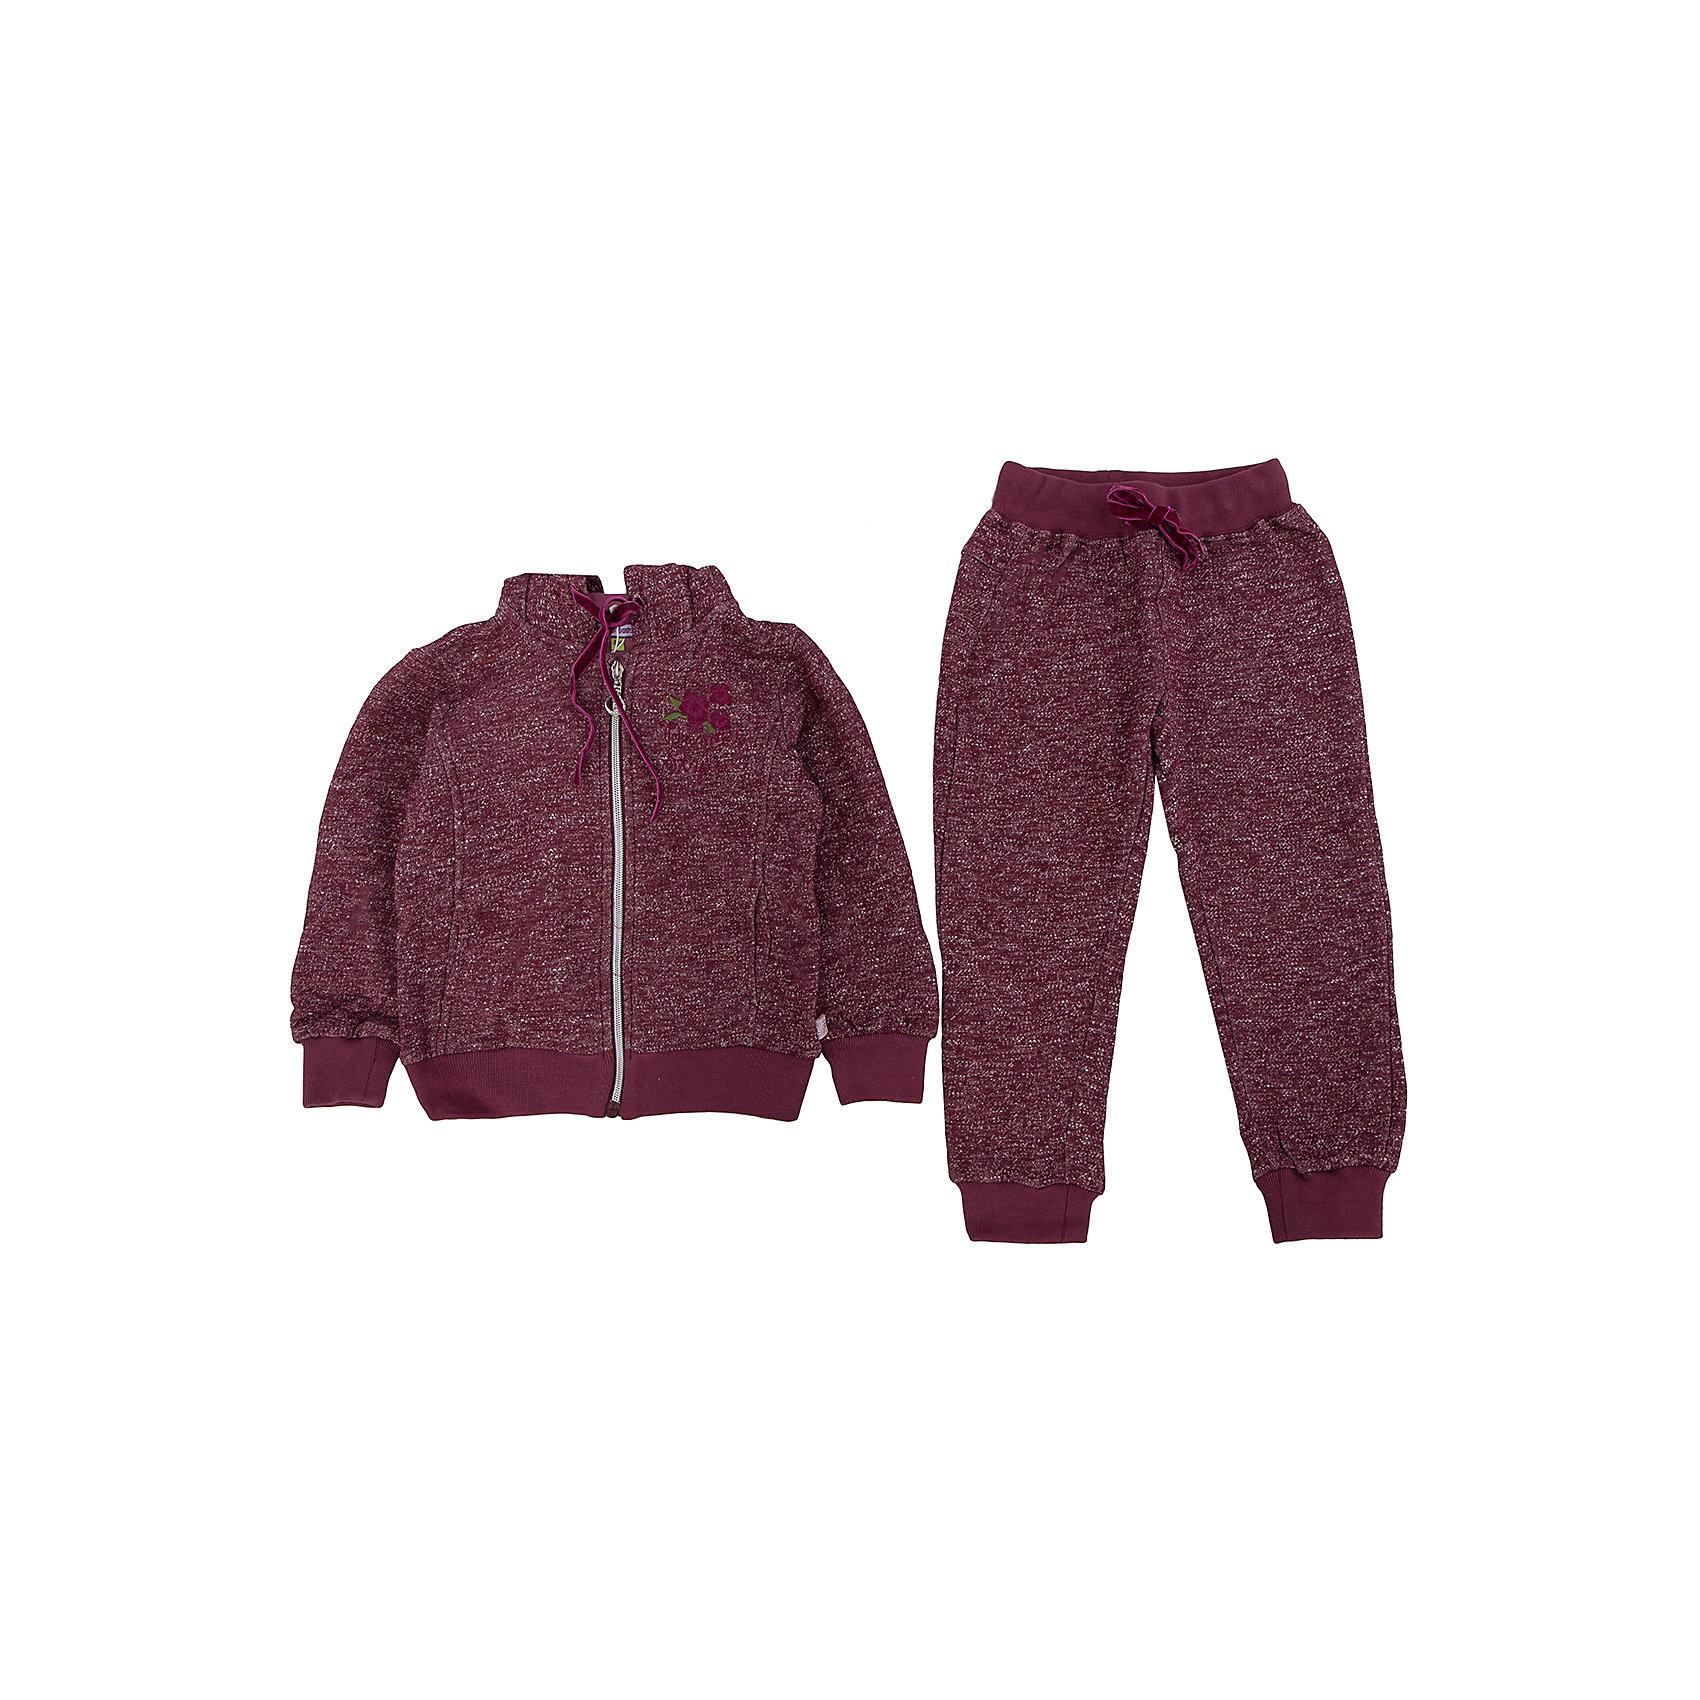 Спортивный костюм для девочки Sweet BerryКомплекты<br>Спортивный костюм для девочки, состоящий из толстовки и брюк. Толстовка с капюшоном, спереди удобная застежка на молнию. Брюки прямого кроя на эластичном поясе, дополнительно регулируются шнурками <br>Состав: <br>80% хлопок, 20% полиэстер<br><br>Ширина мм: 247<br>Глубина мм: 16<br>Высота мм: 140<br>Вес г: 225<br>Цвет: бордовый<br>Возраст от месяцев: 72<br>Возраст до месяцев: 84<br>Пол: Женский<br>Возраст: Детский<br>Размер: 122,104,128,110,116,98<br>SKU: 4291431